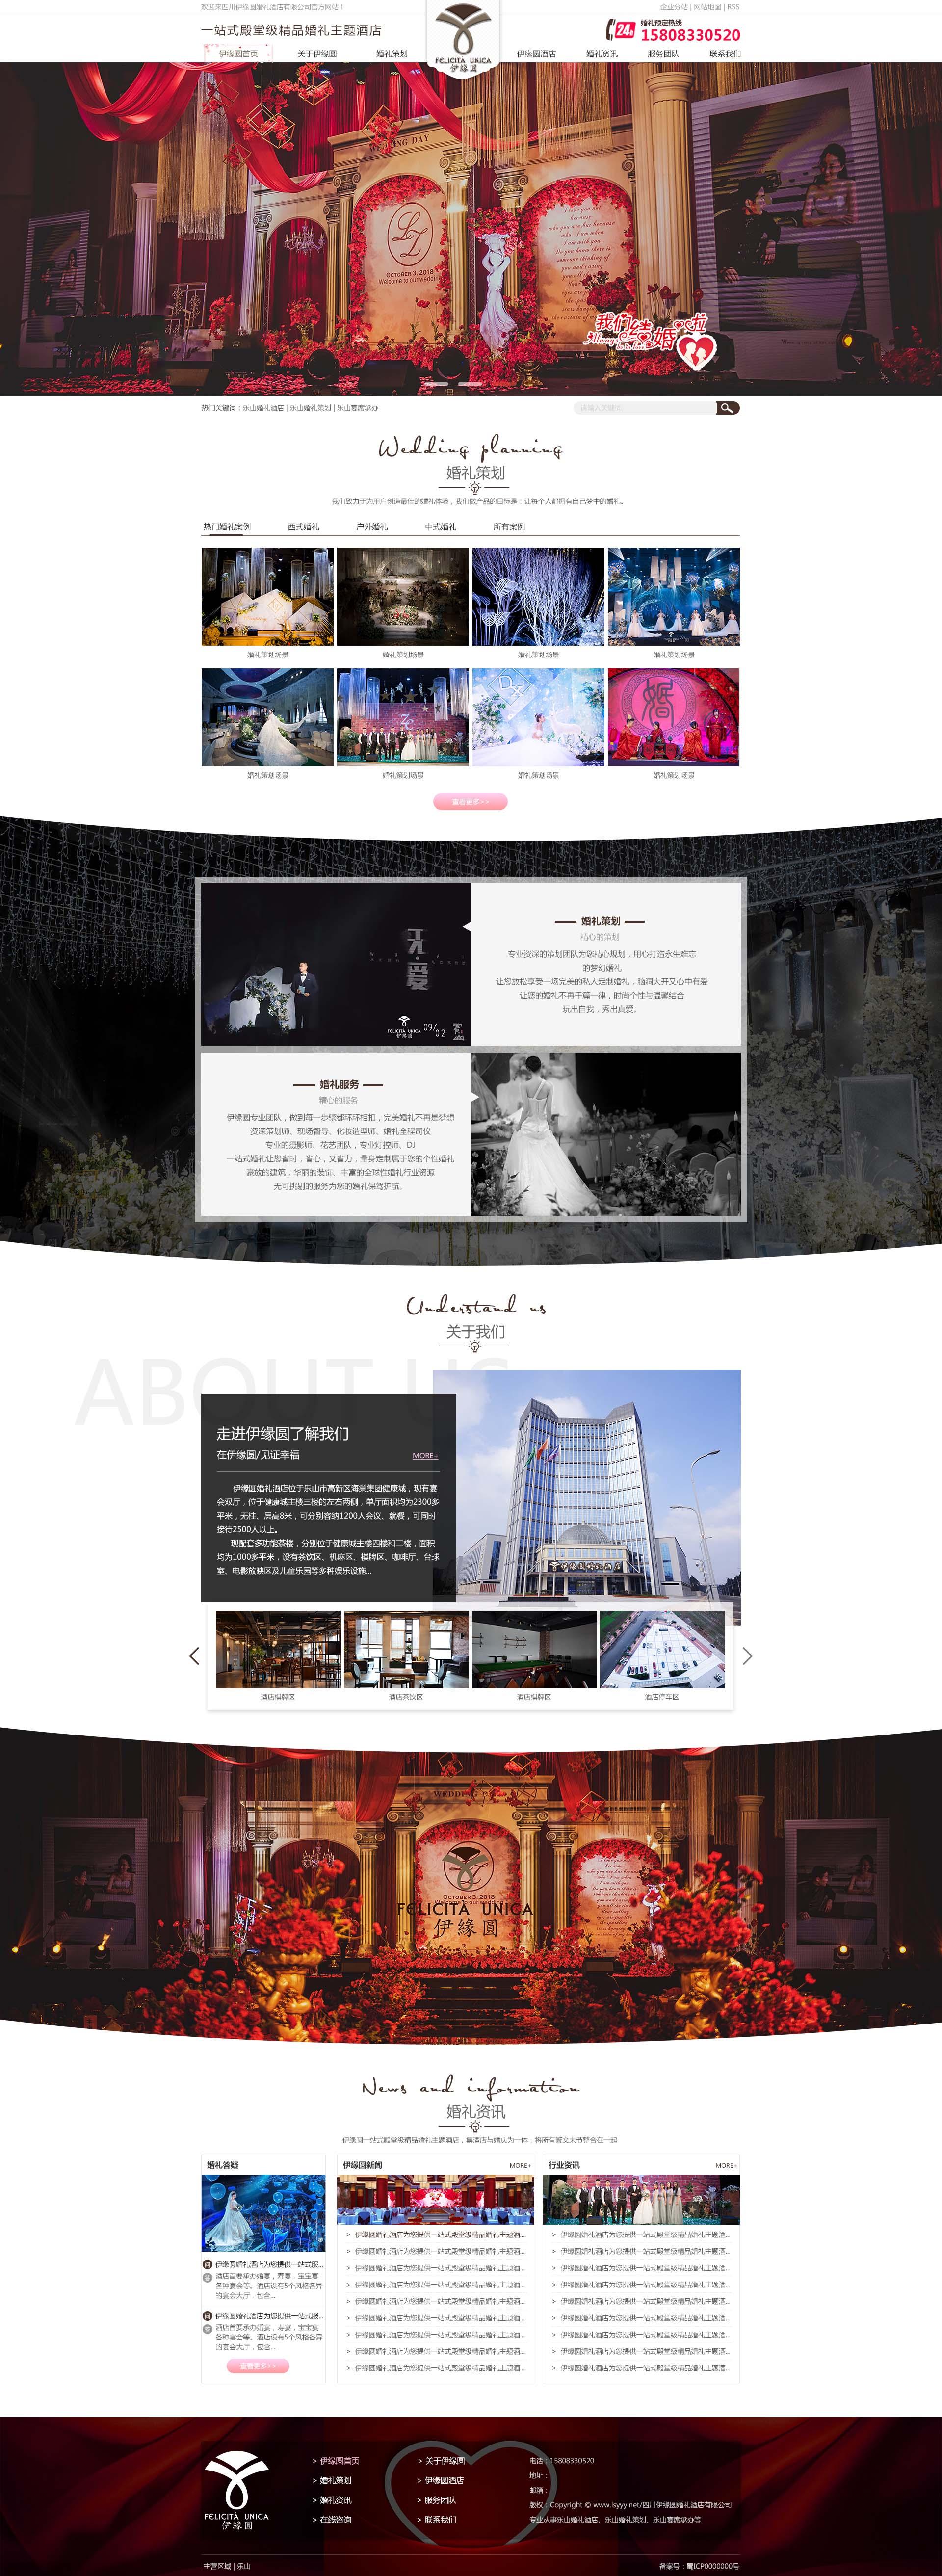 伊缘圆婚礼网站建设